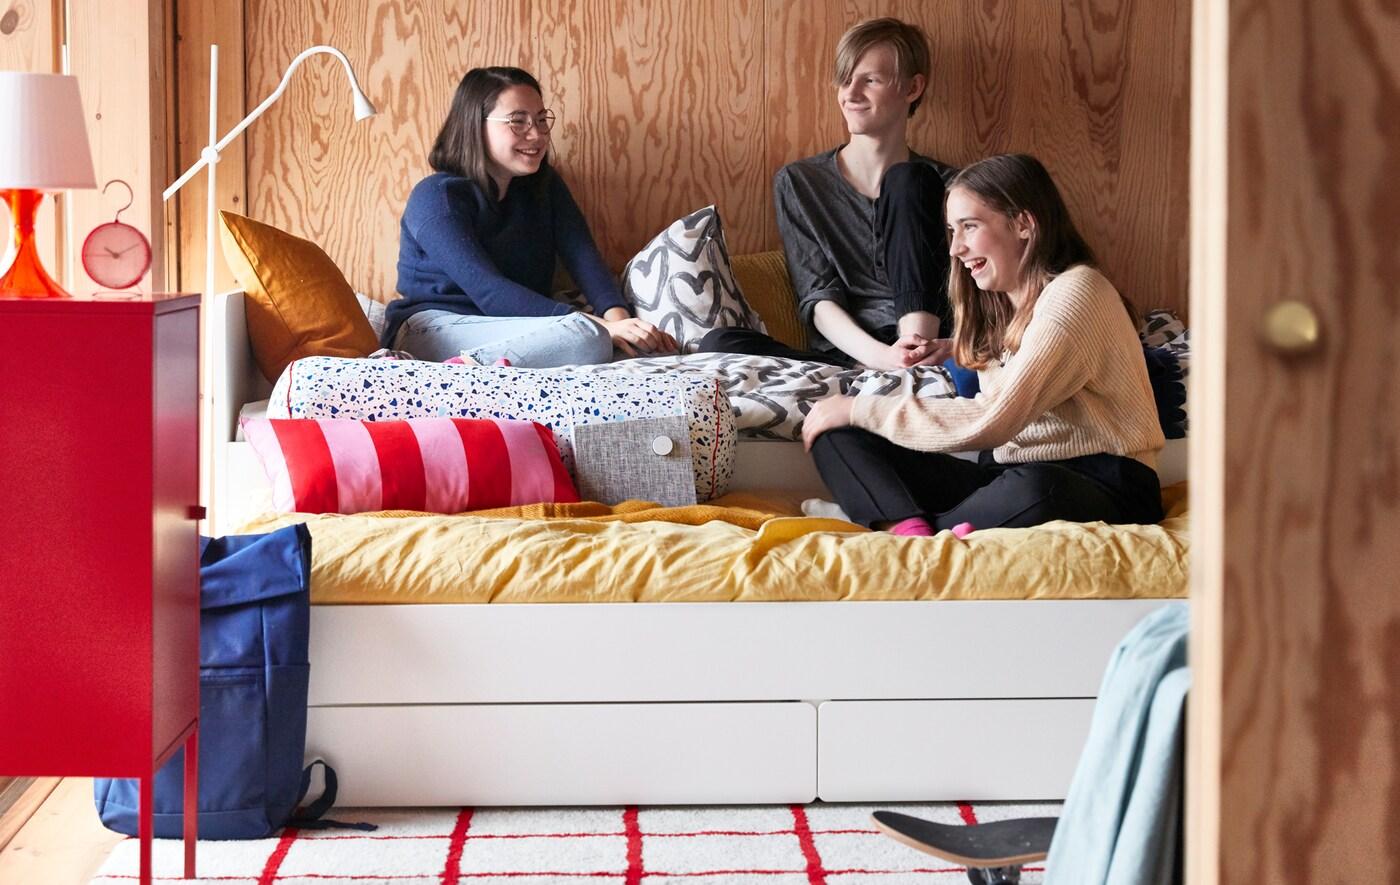 Un groupe d'adolescents assis sur un lit-tiroir SLÄKT bavardent dans une chambre lambrissée.